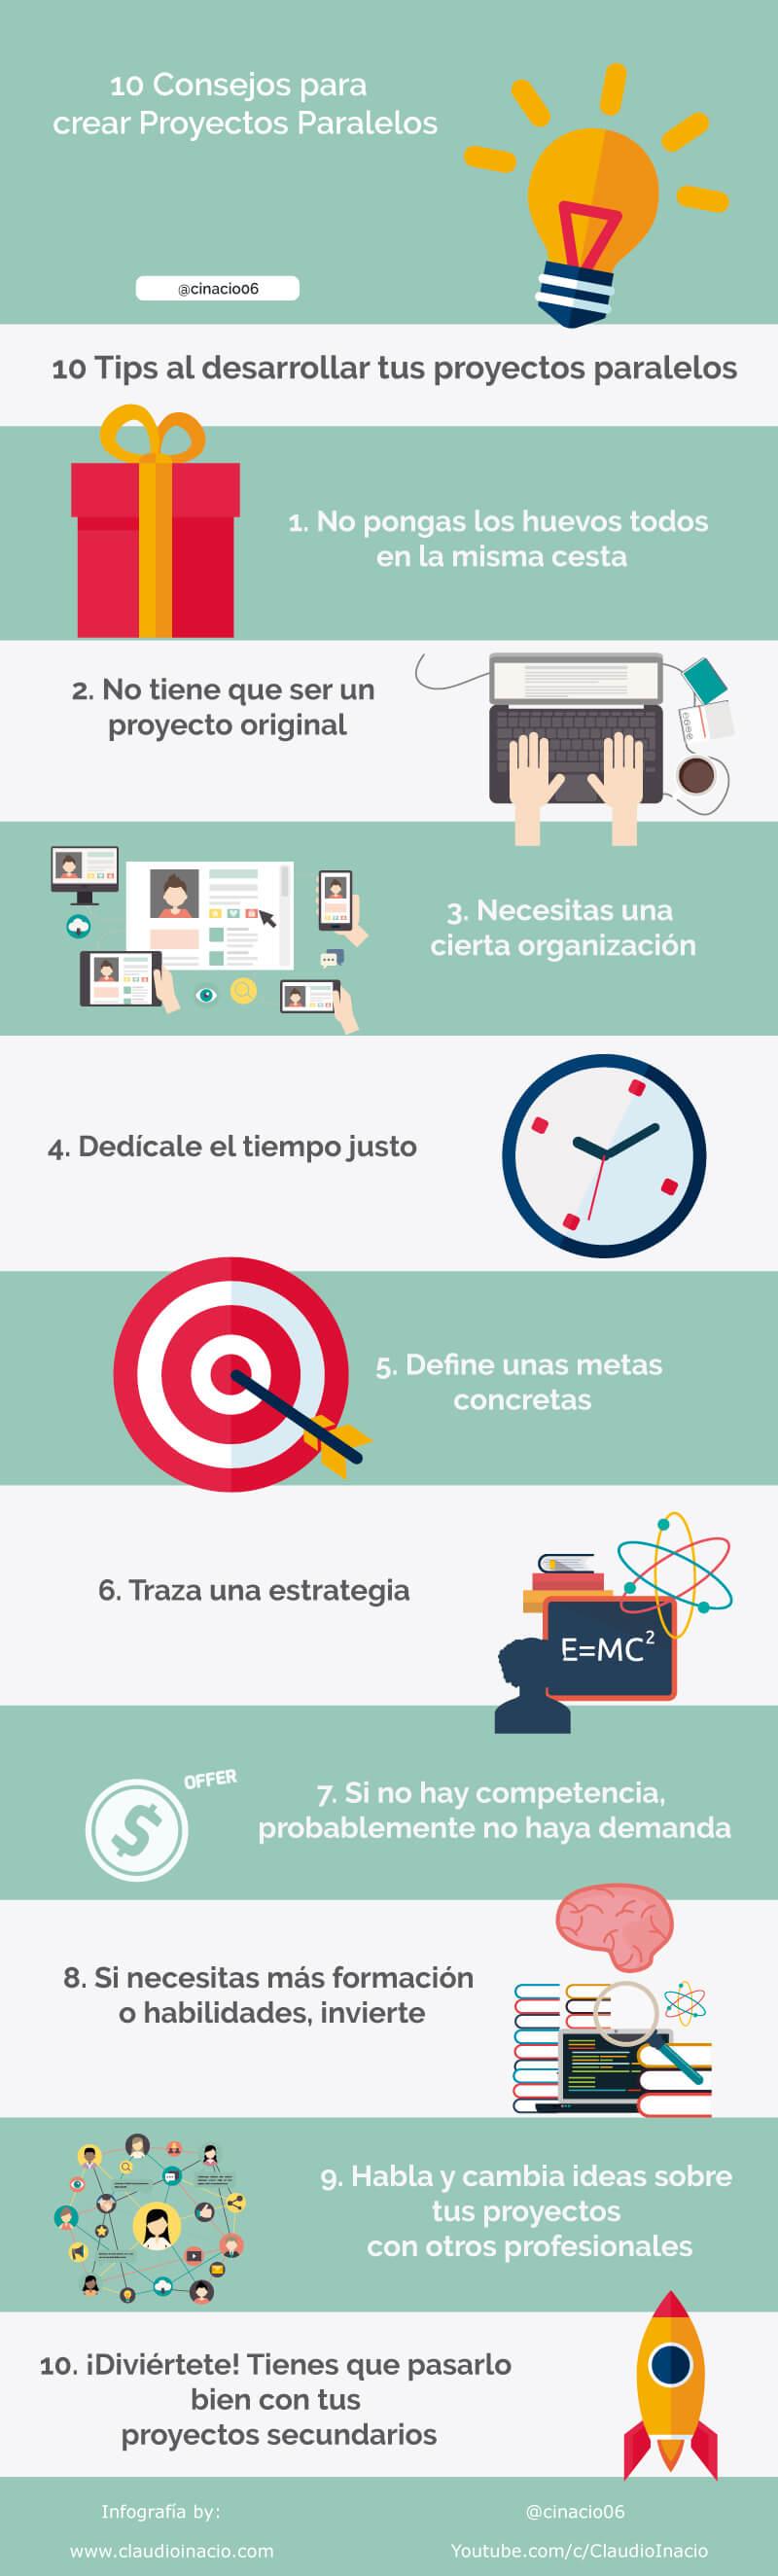 infografía de cómo crear proyectos paralelos con 10 consejos